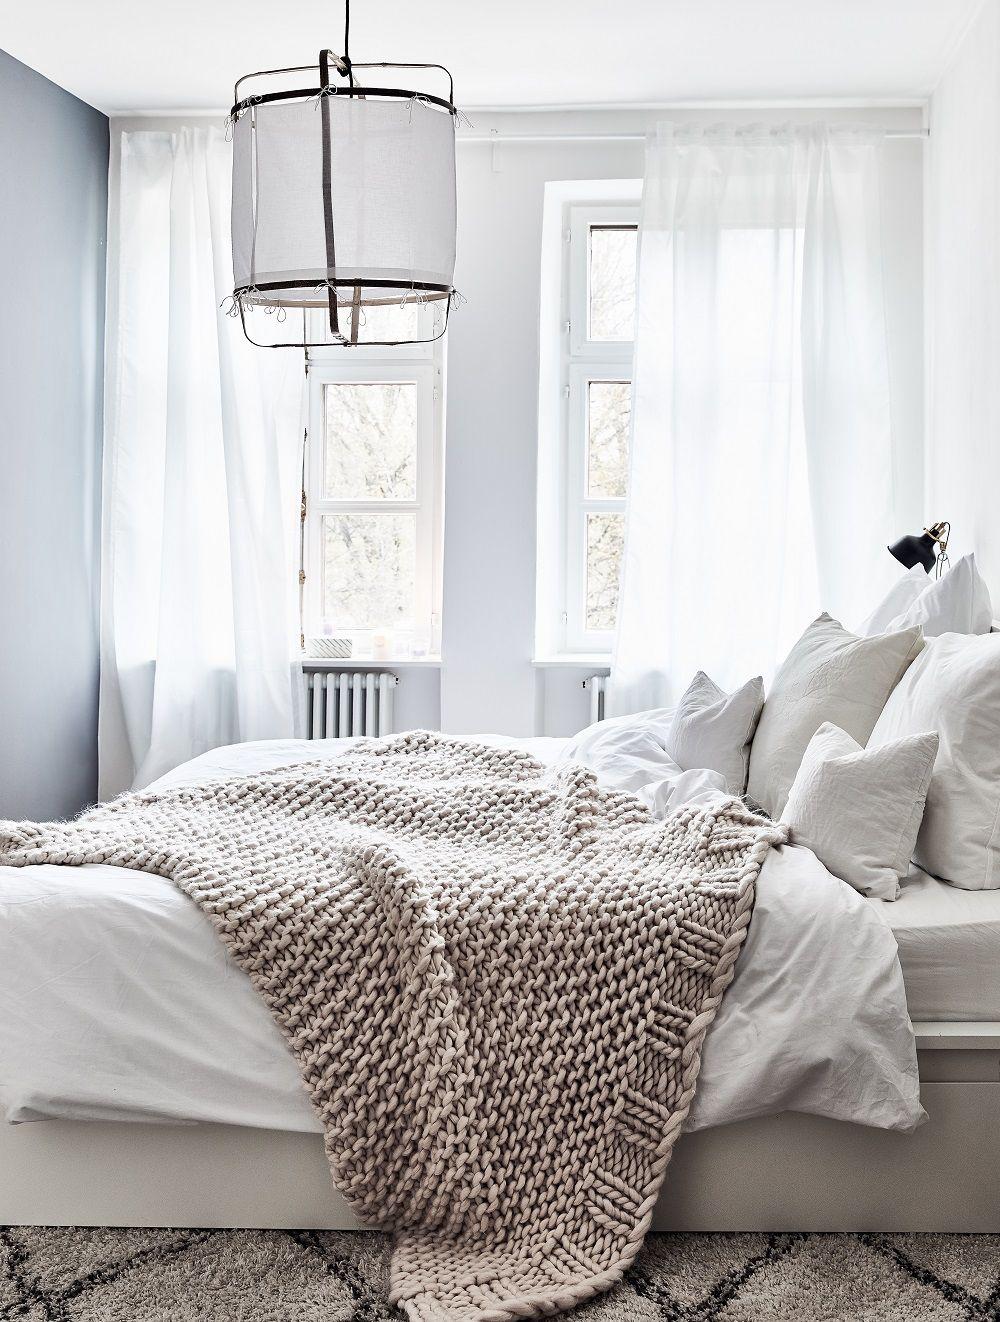 white dreams in diesem wundersch nen schlafzimmer sind ruhige tr ume vorprogrammiert ein. Black Bedroom Furniture Sets. Home Design Ideas